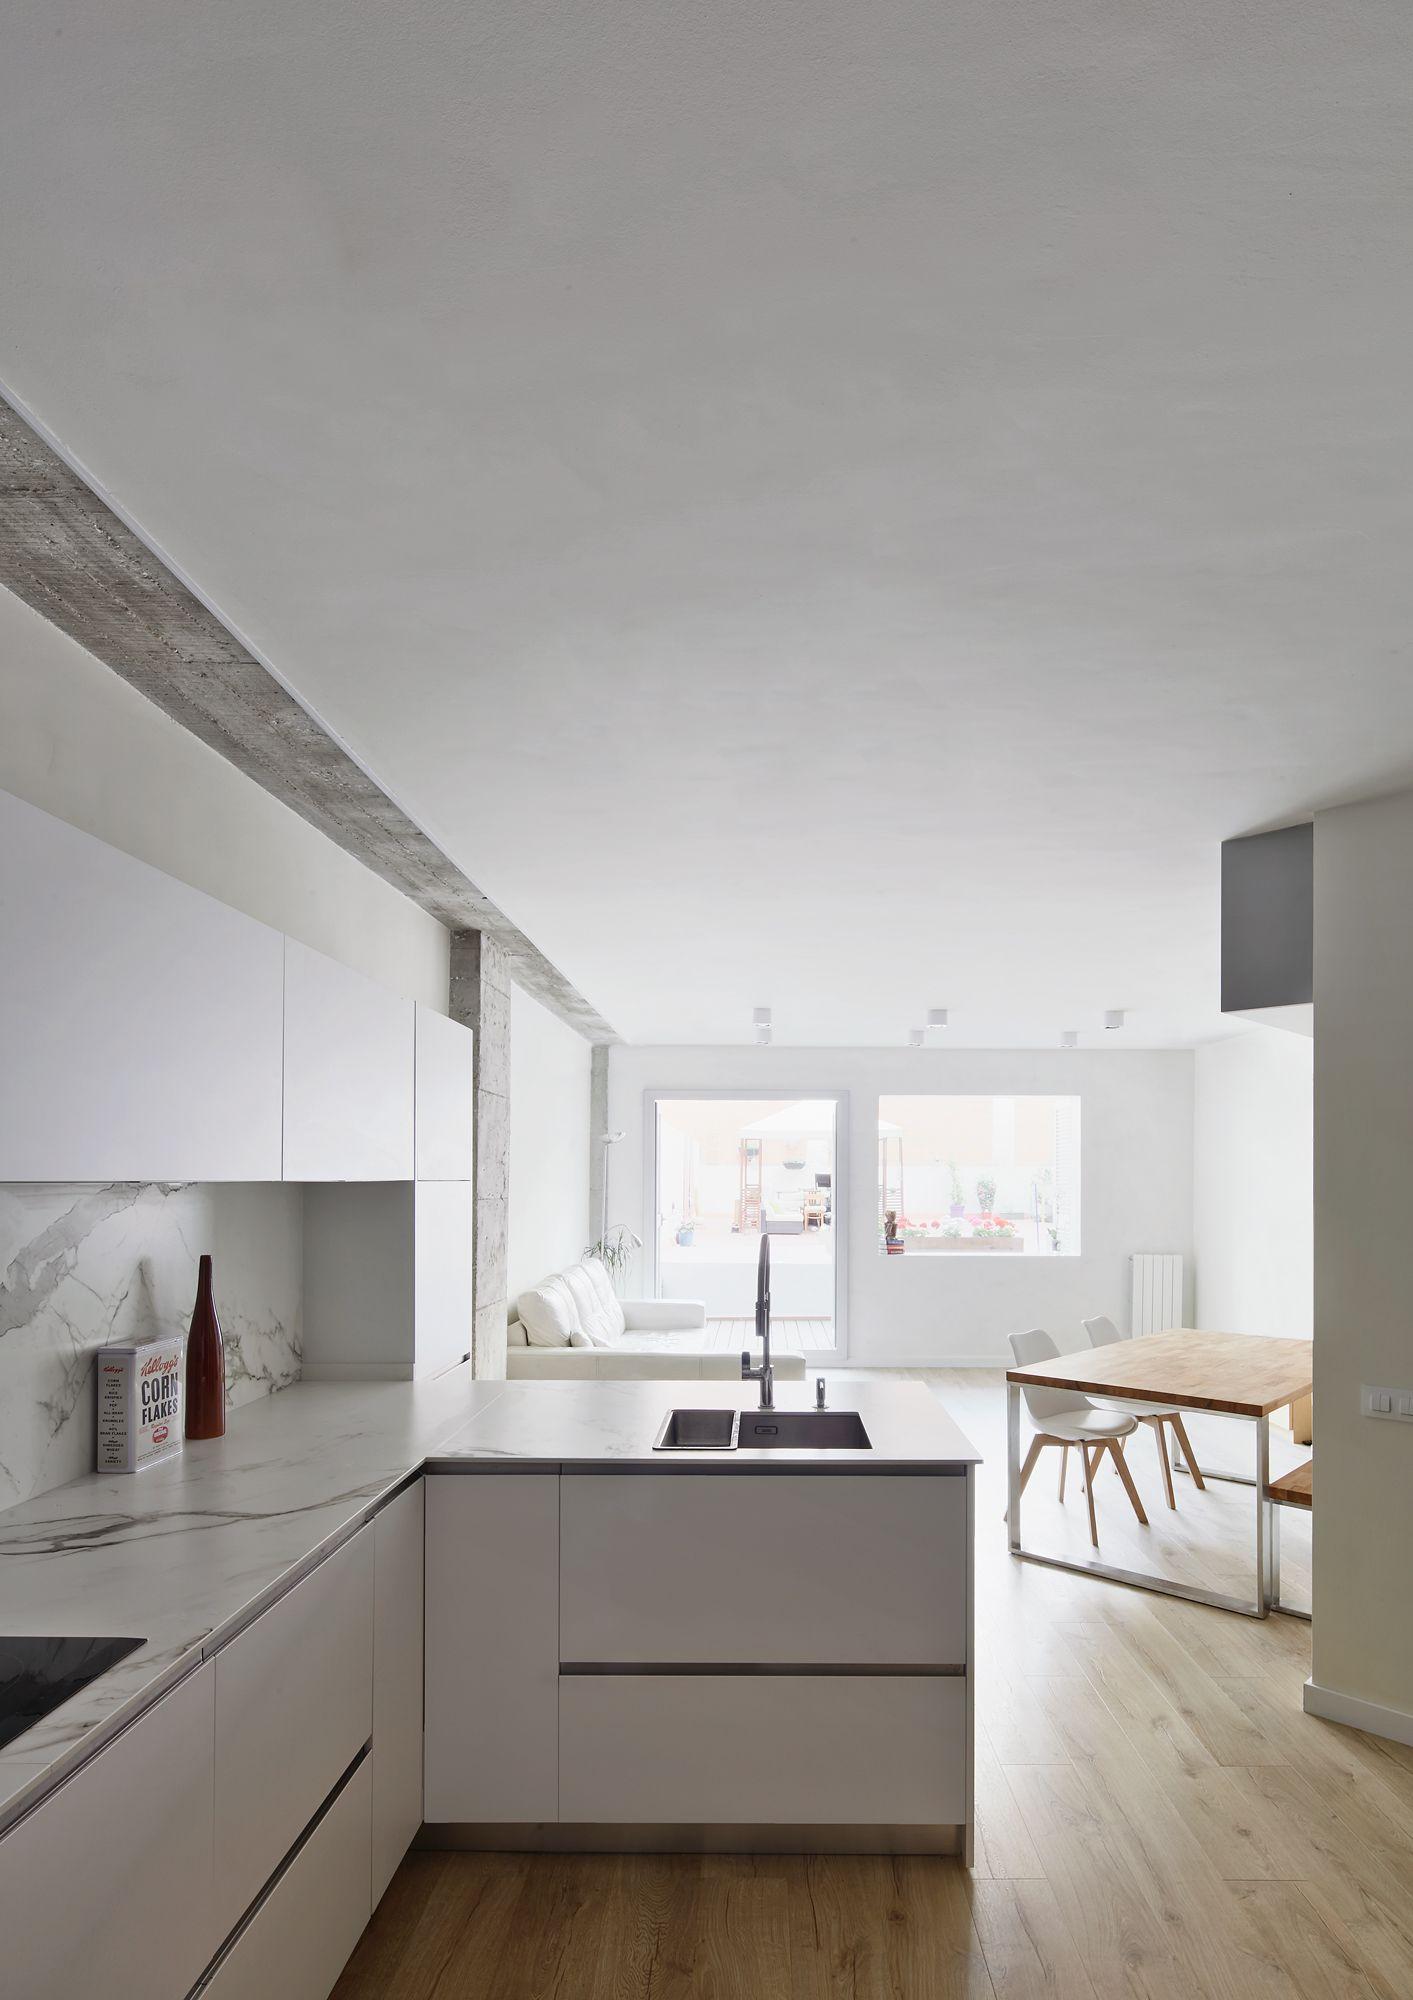 Cocina - Una antigua oficina convertida en vivienda | cocinas ...